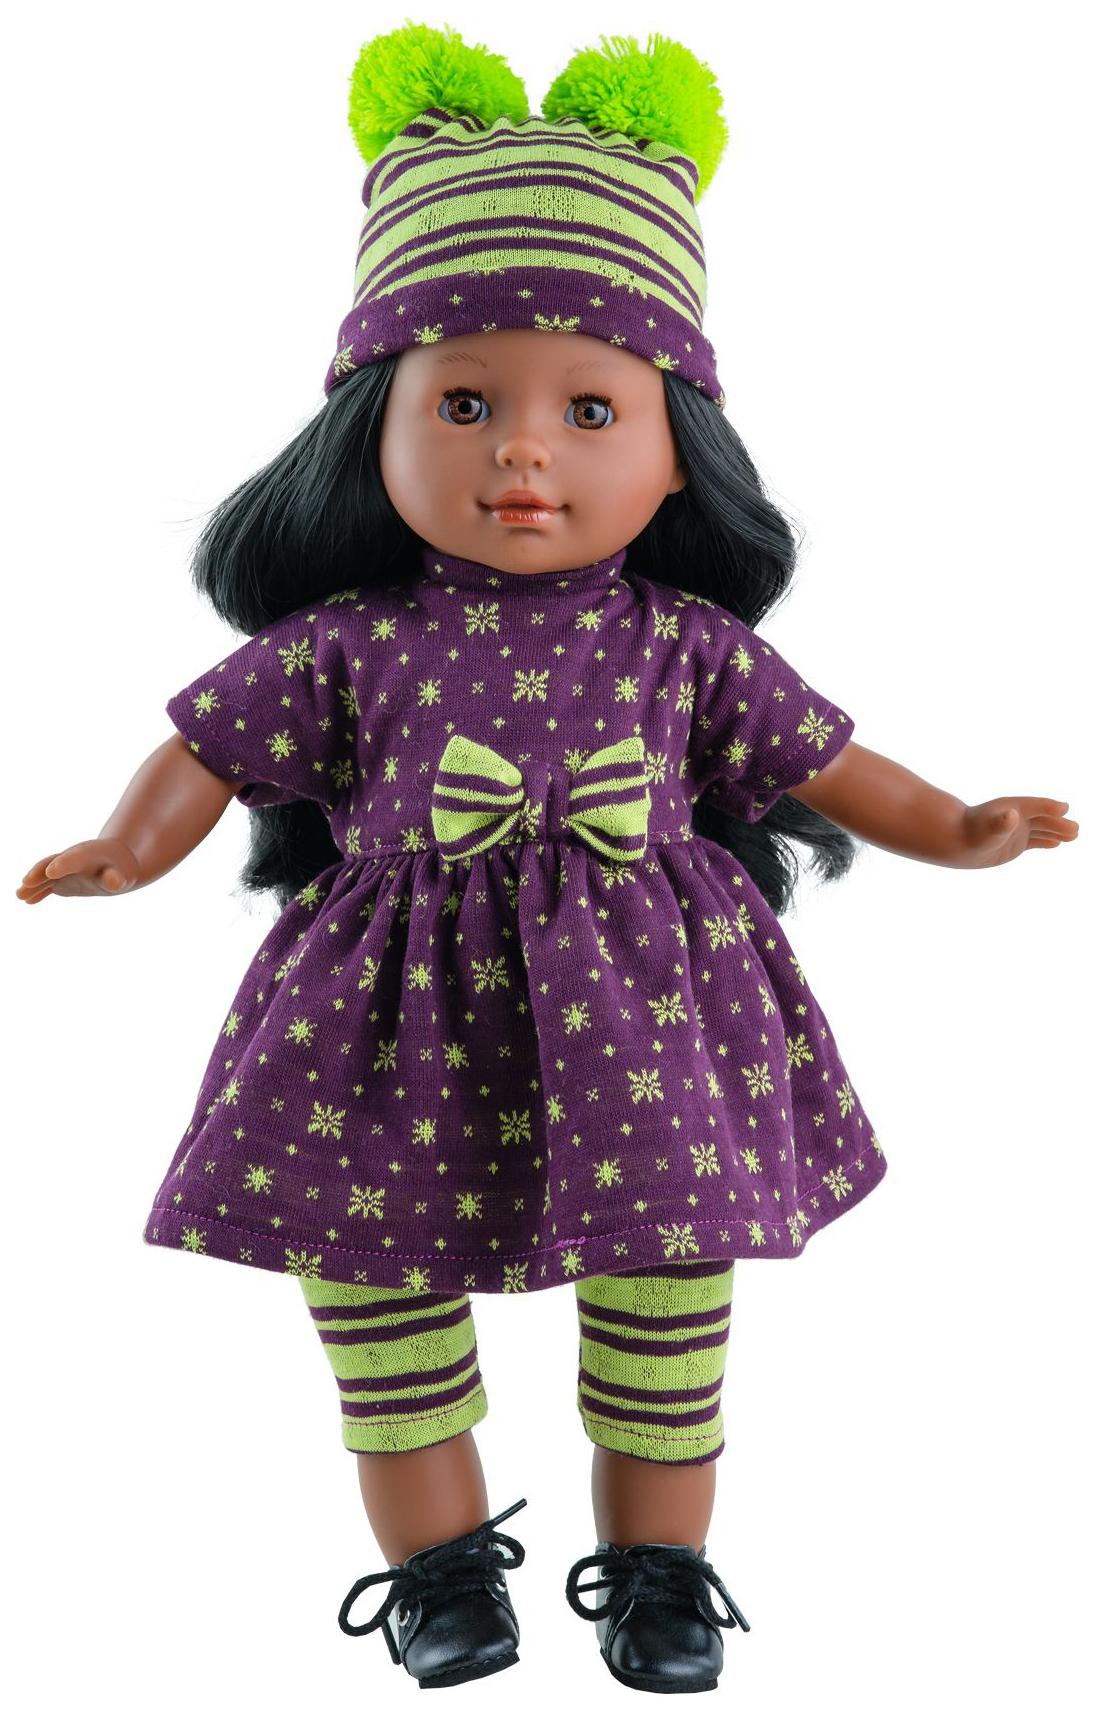 Купить Кукла Эстер, 36 см, Paola Reina, Классические куклы